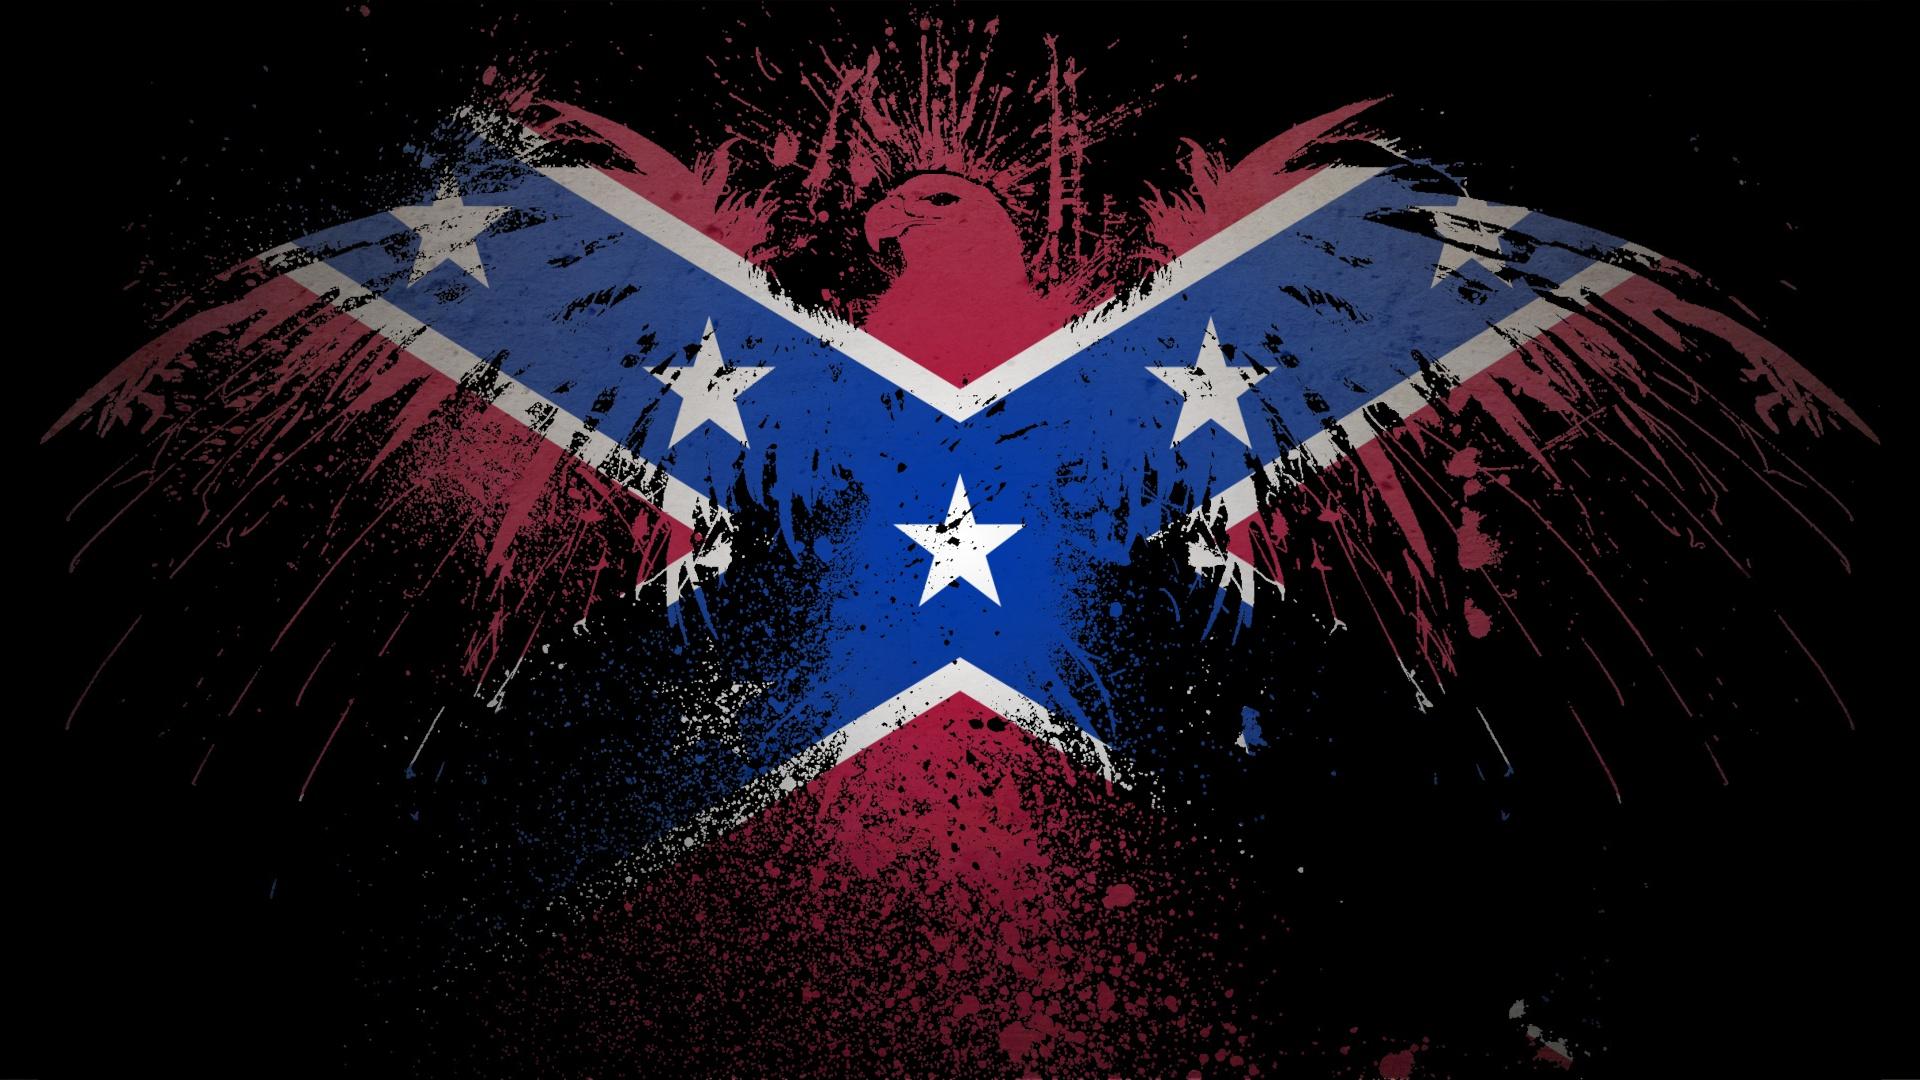 confederate 461758 1920x1080